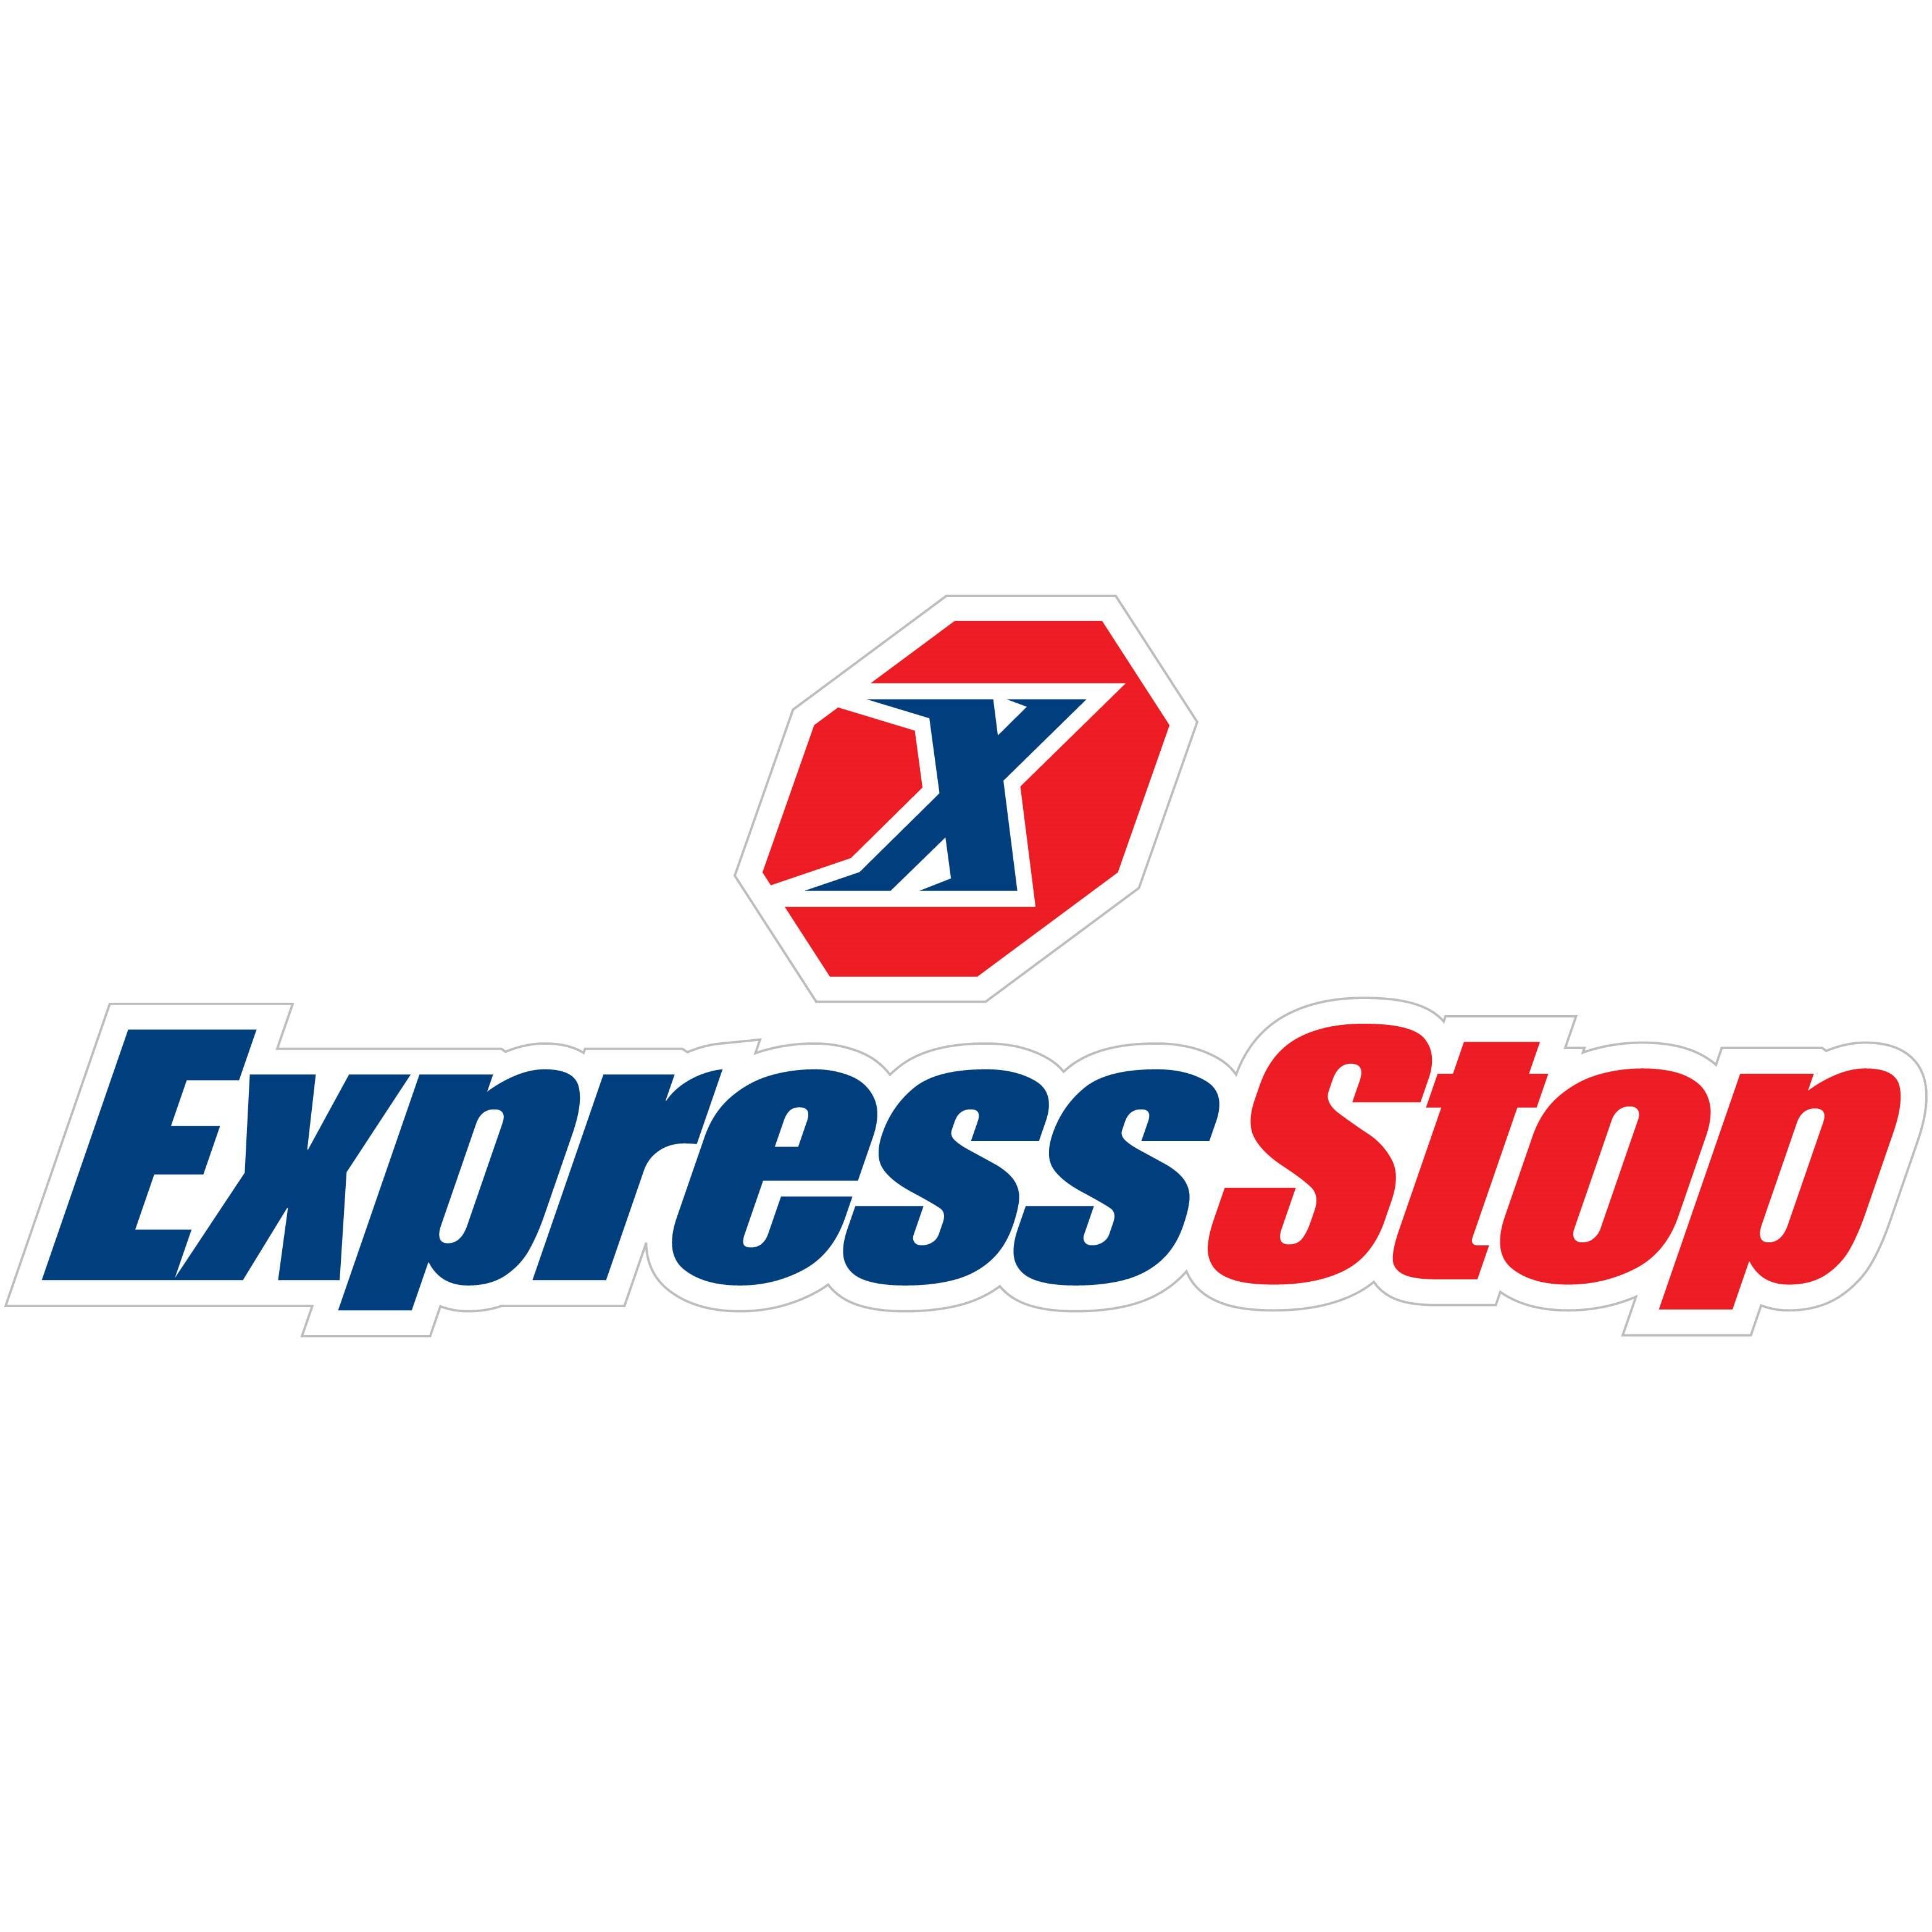 Express Stop